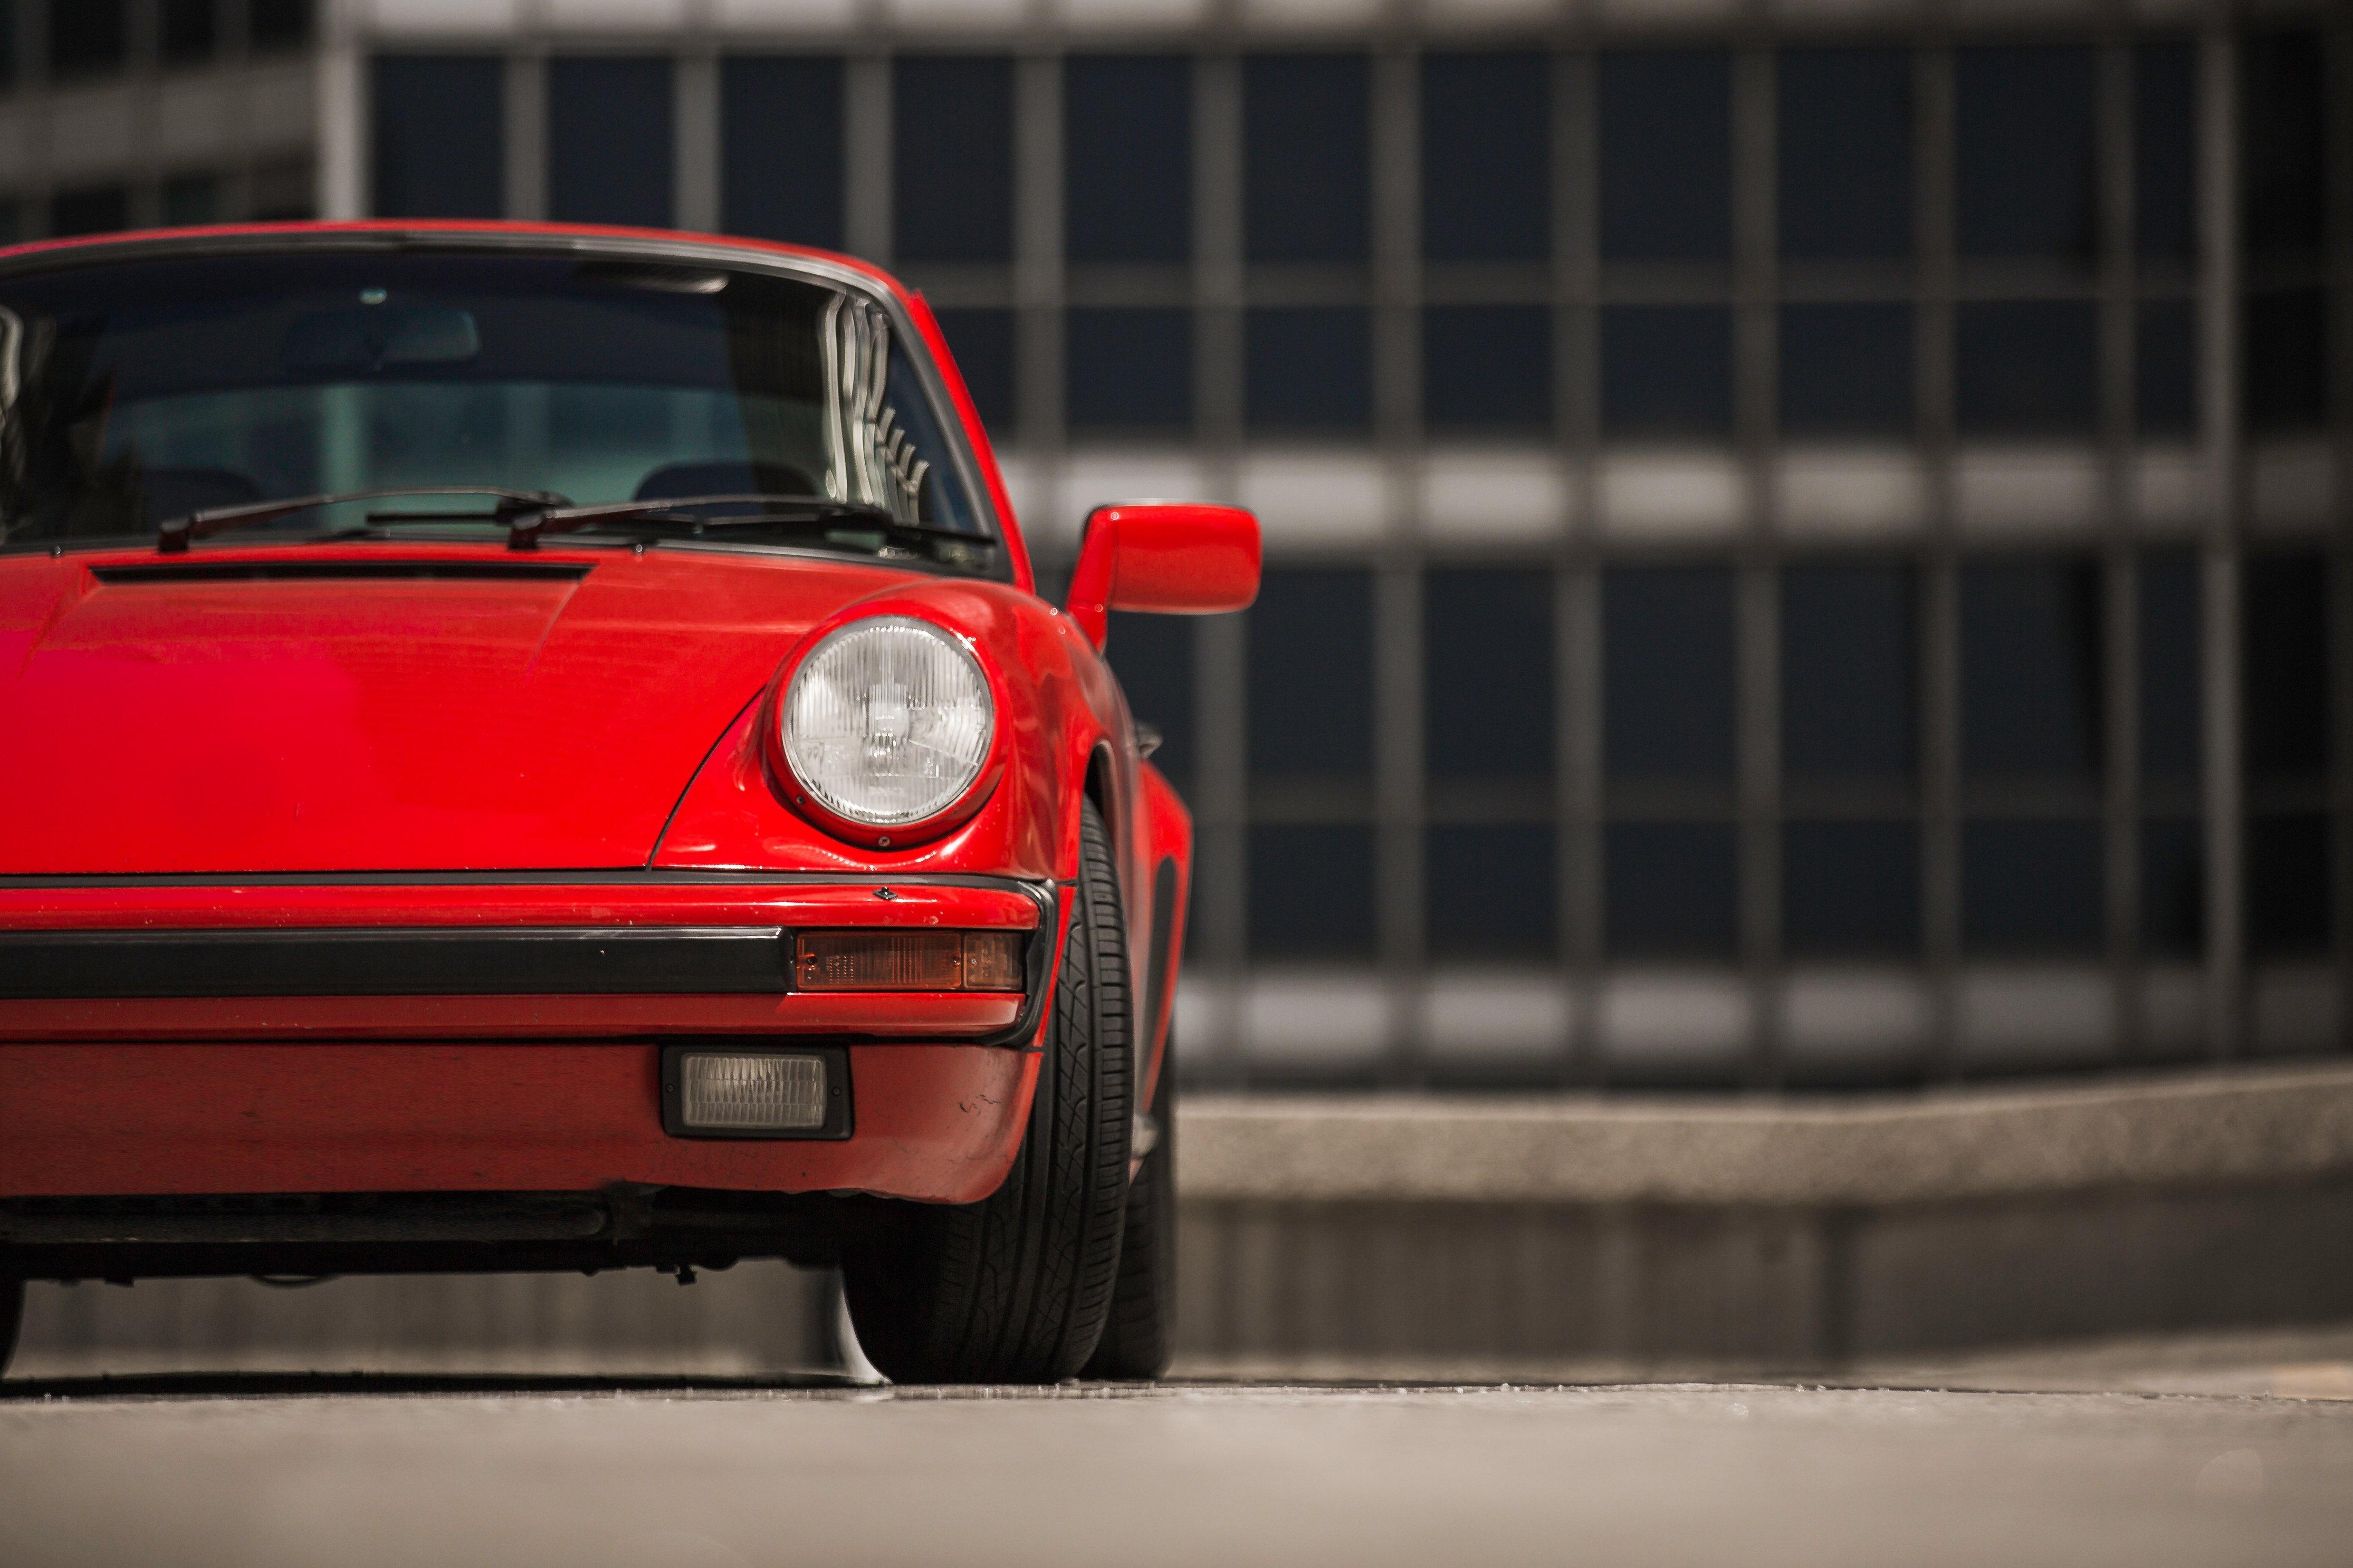 classic-red-sports-car_4460x4460